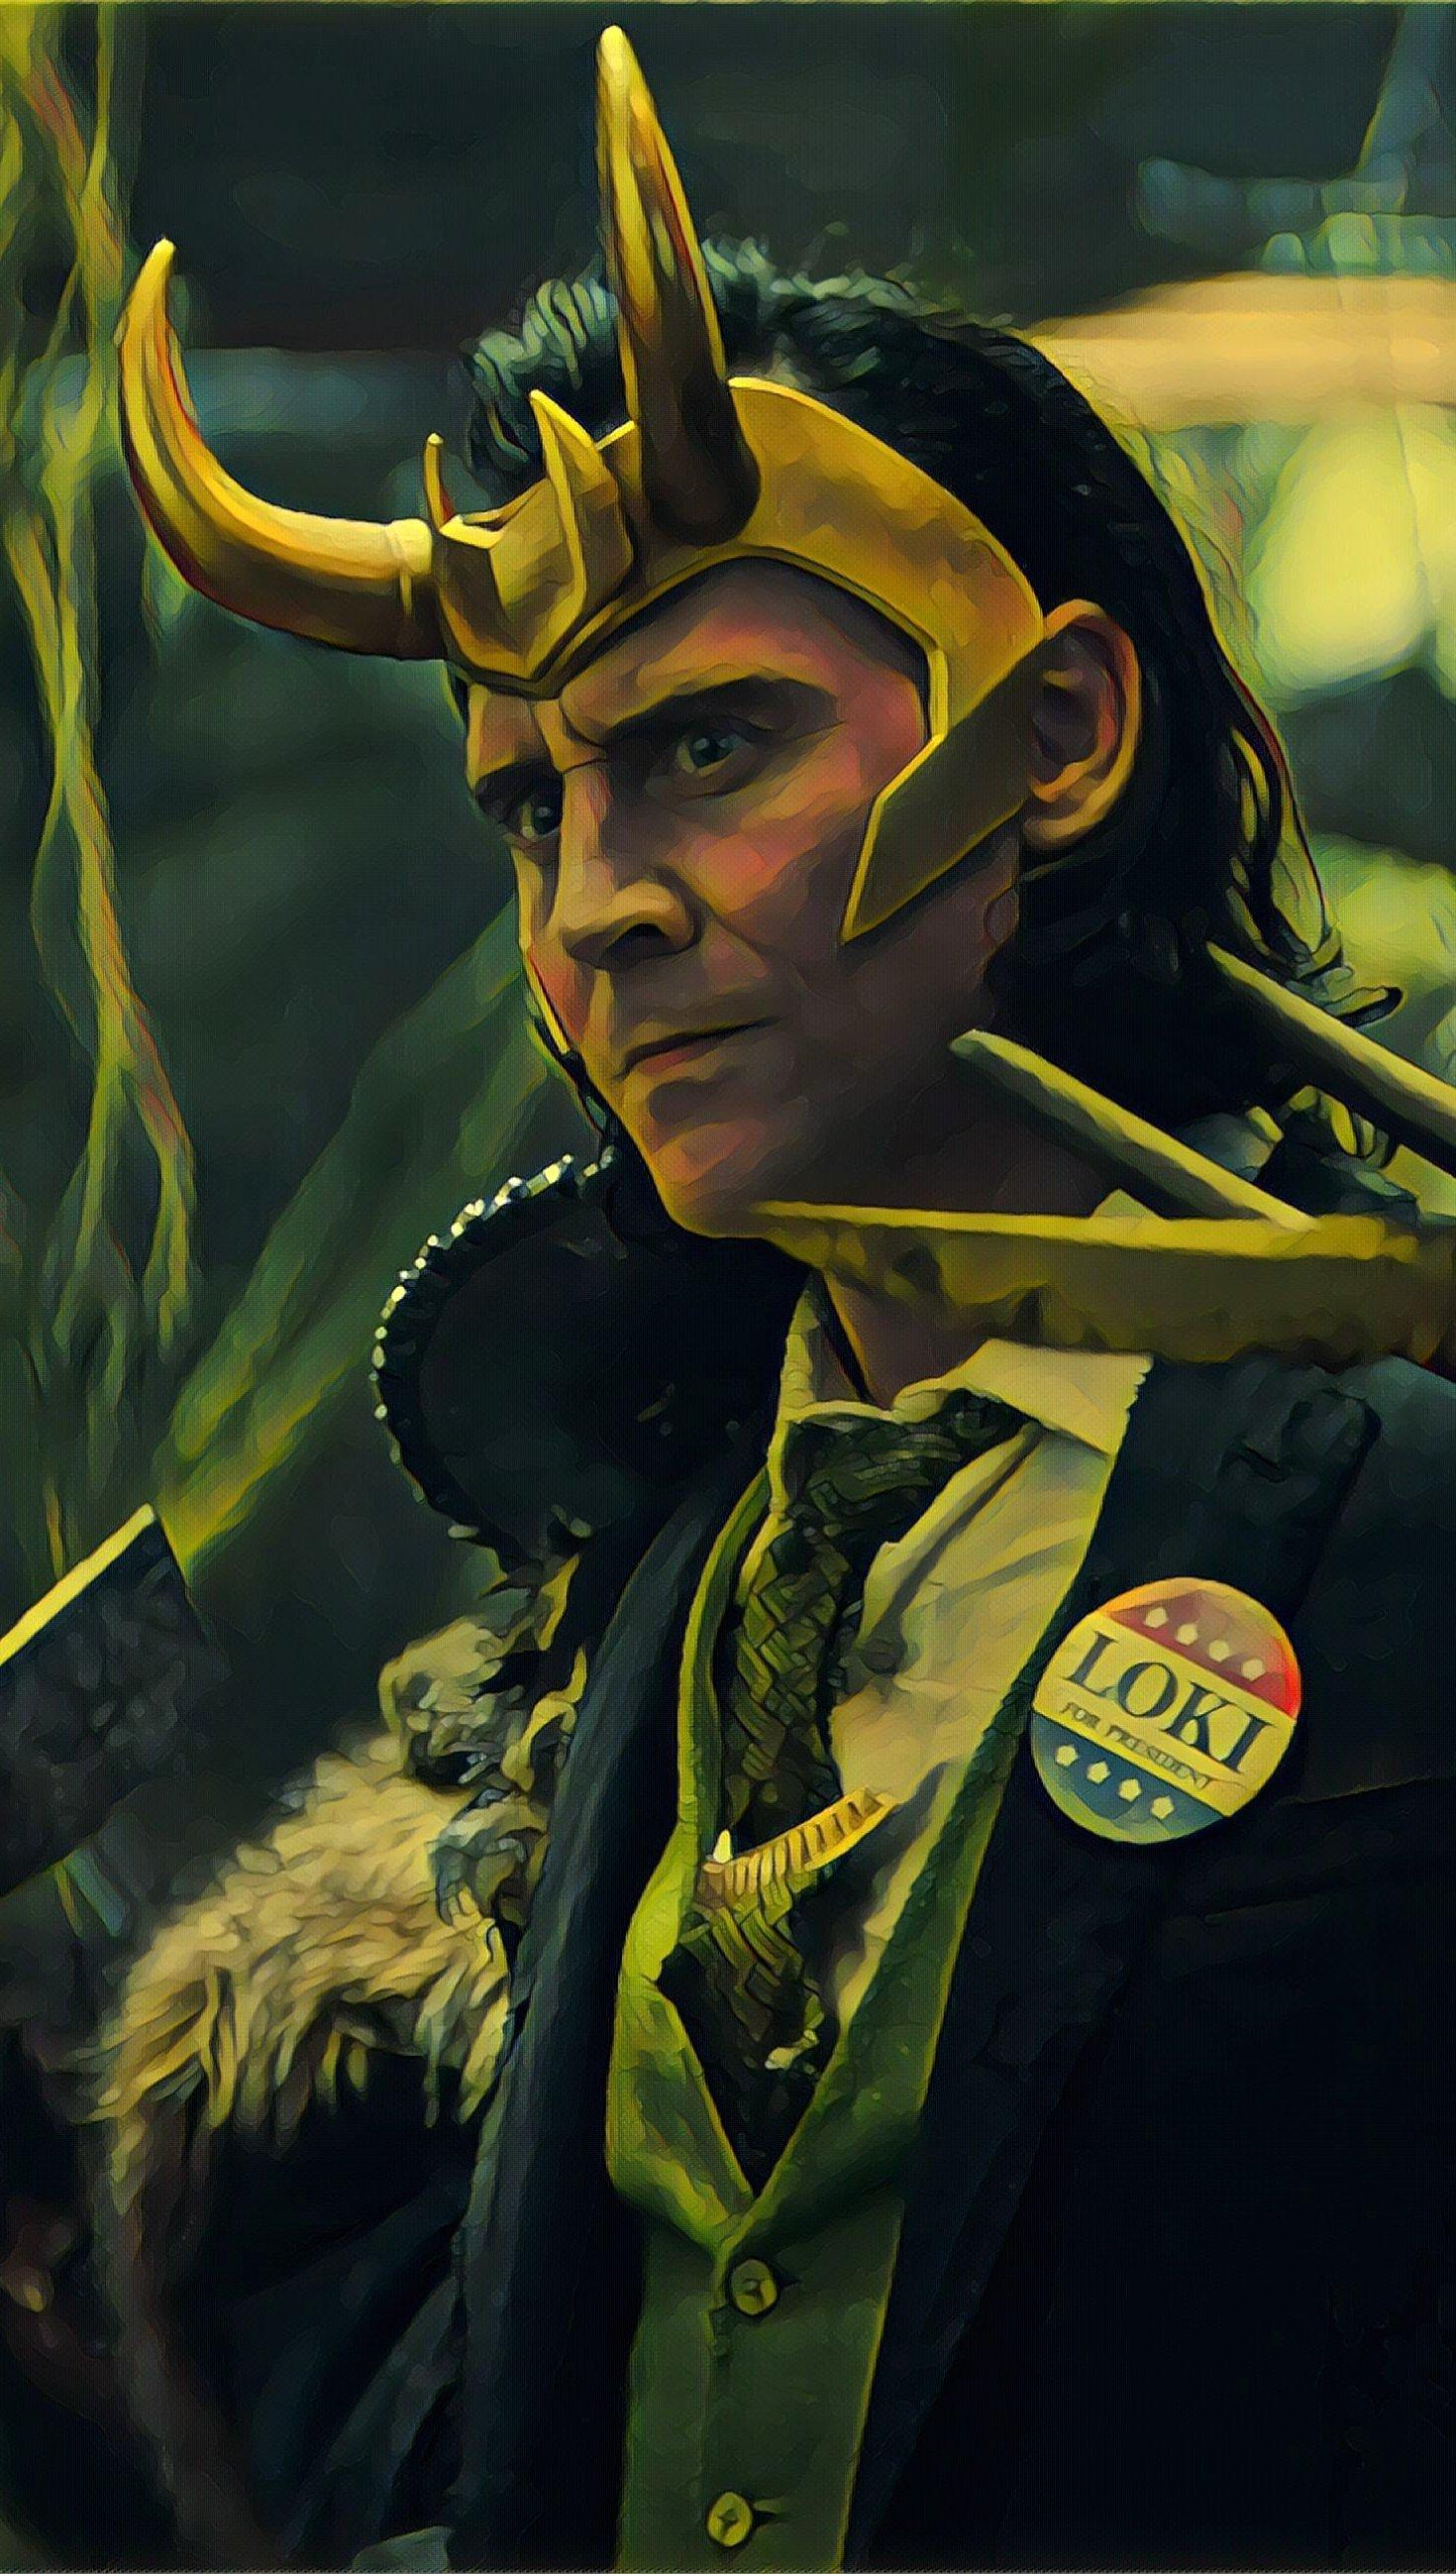 Wallpaper Loki 2021 Vertical